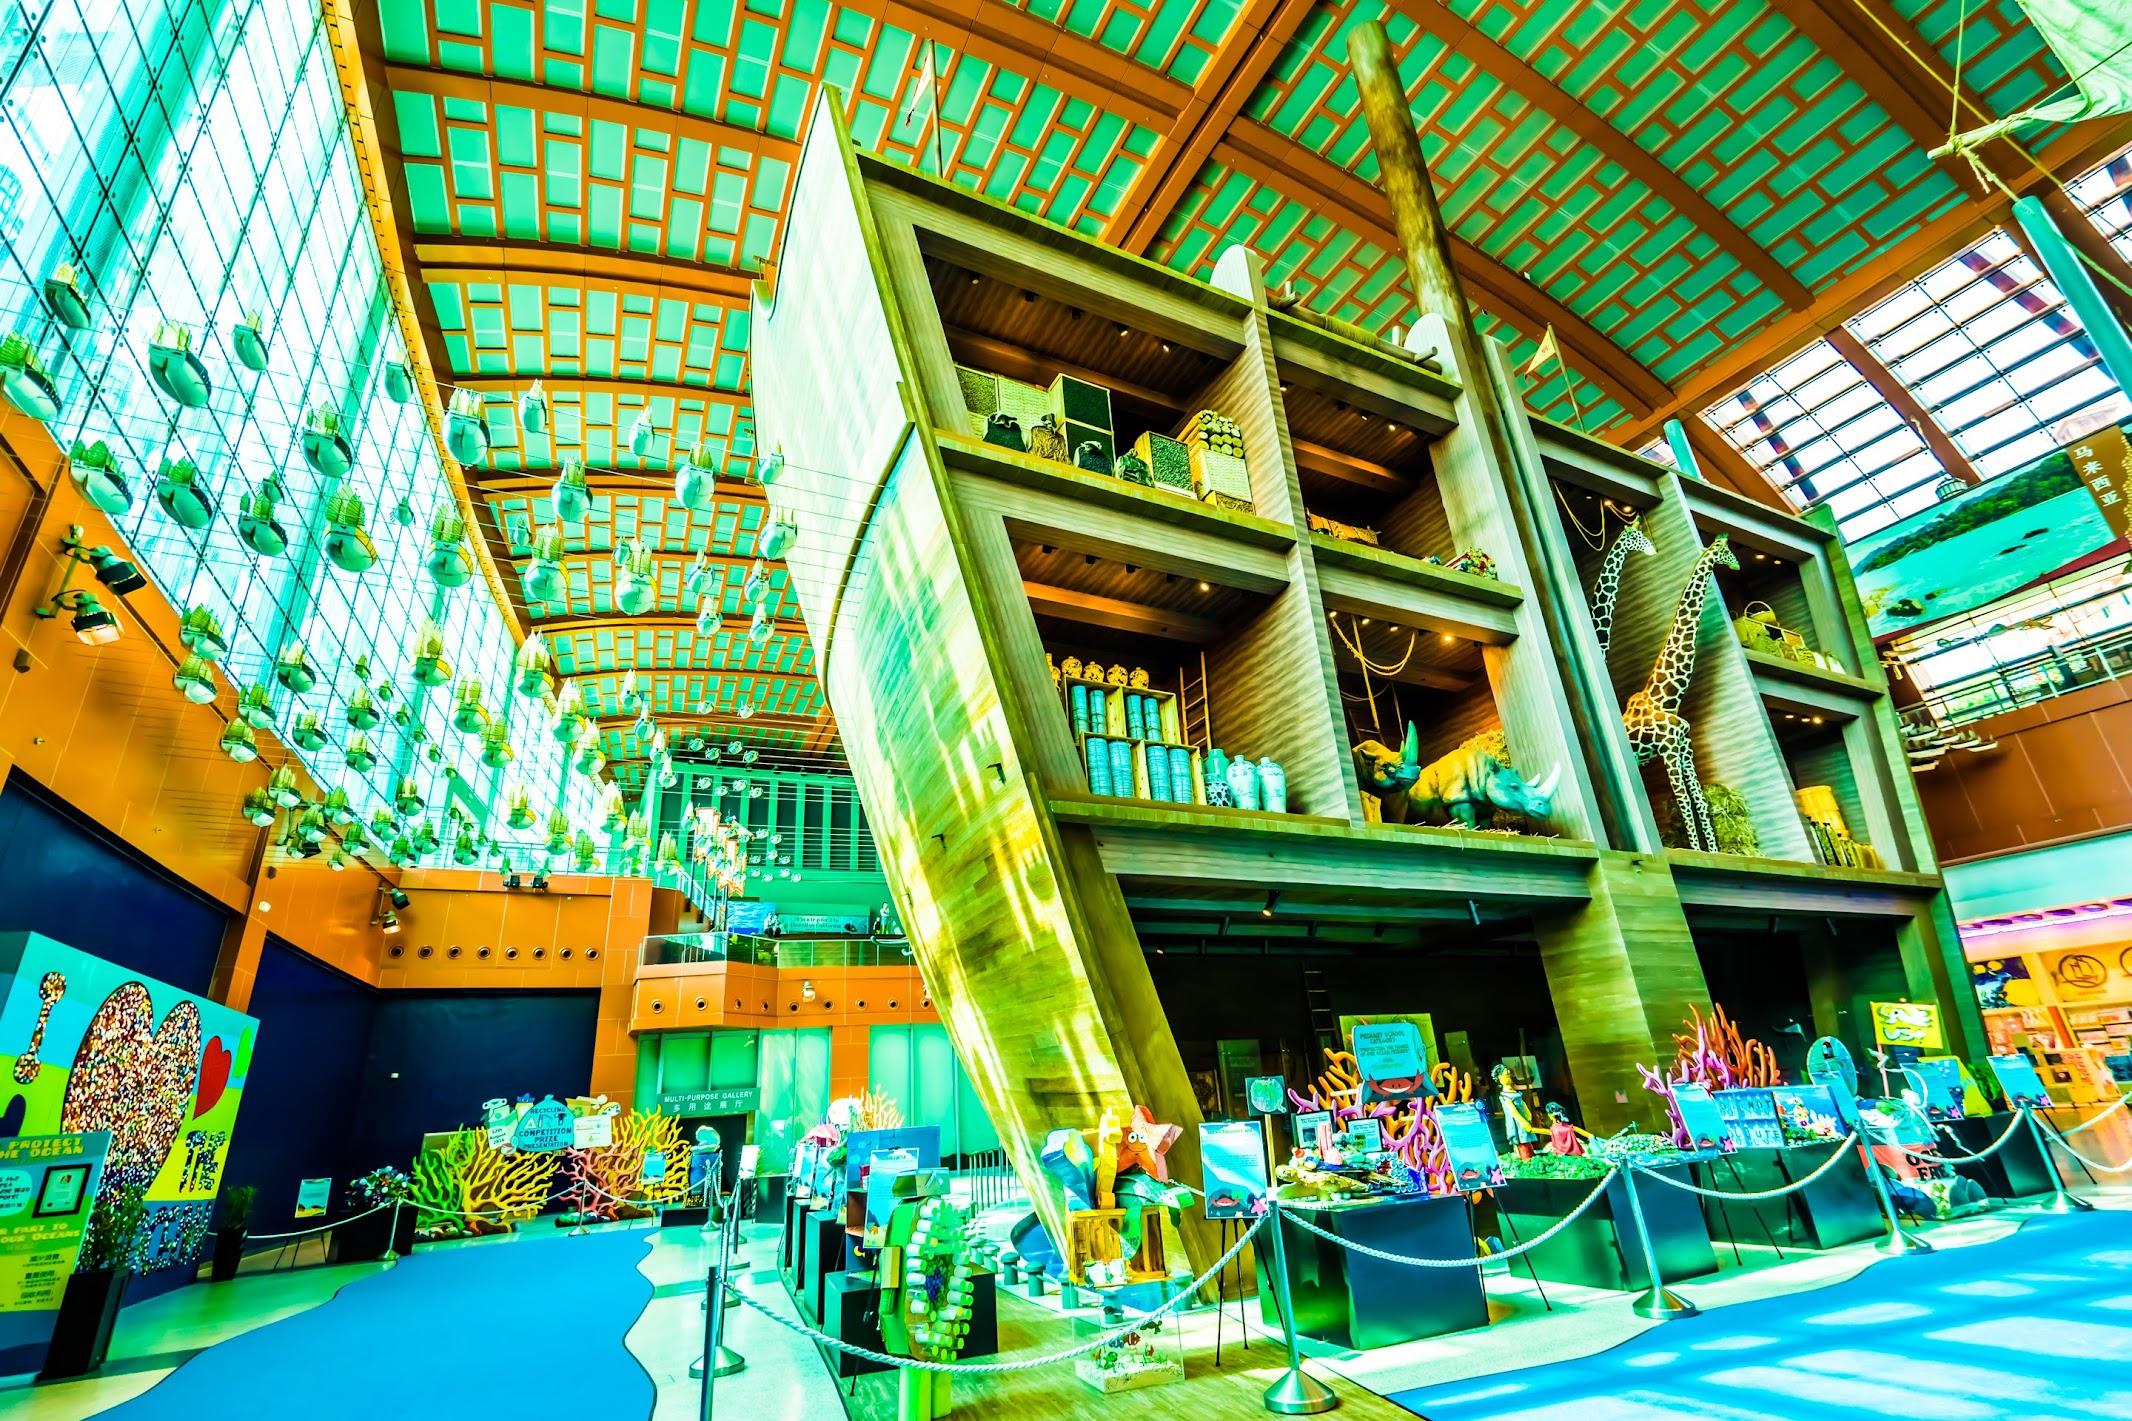 シンガポール セントーサ島 マリタイム・エクスペリエンシャル・ミュージアム2